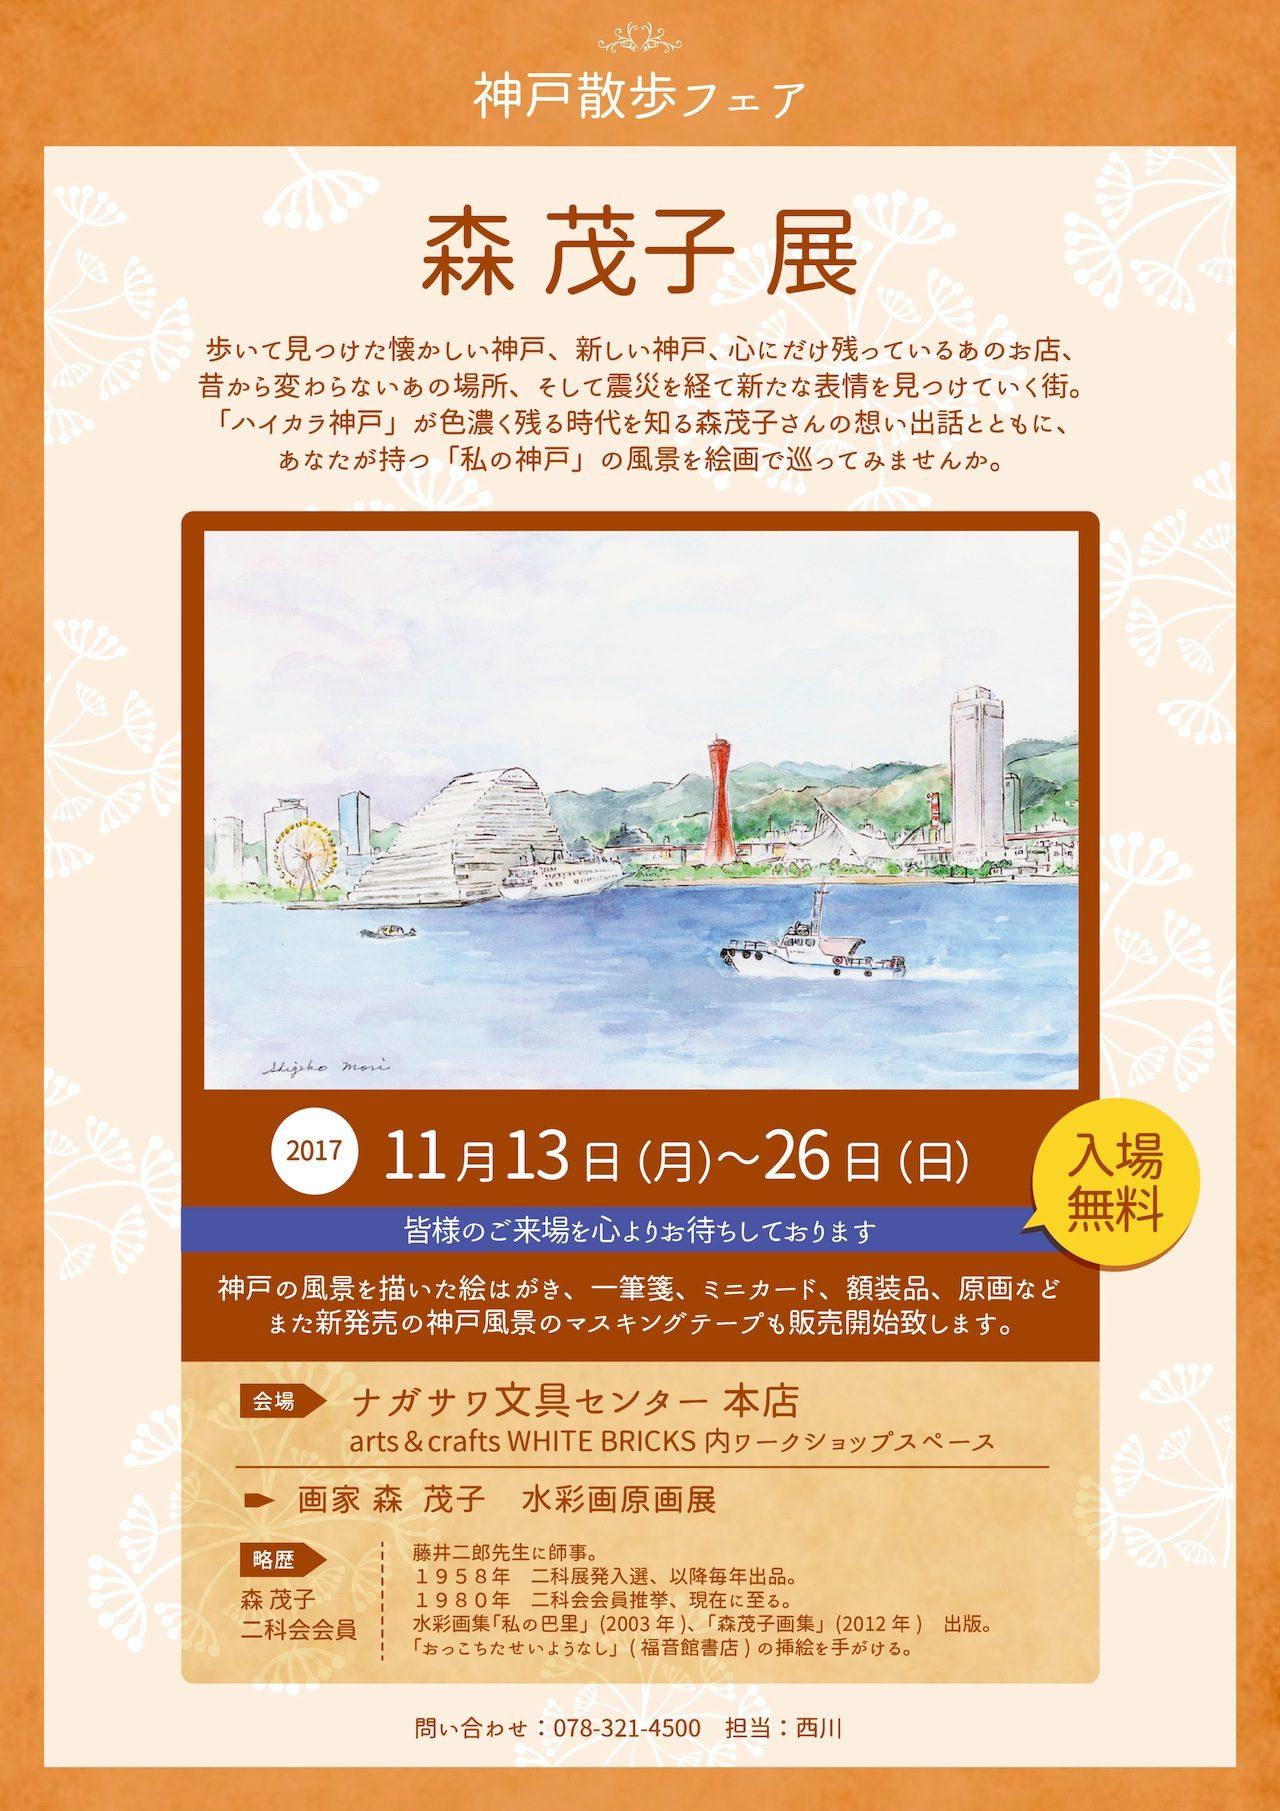 絵画で巡る「懐かしの神戸」「新しい神戸」「あなたの神戸」水彩画原画展開催!